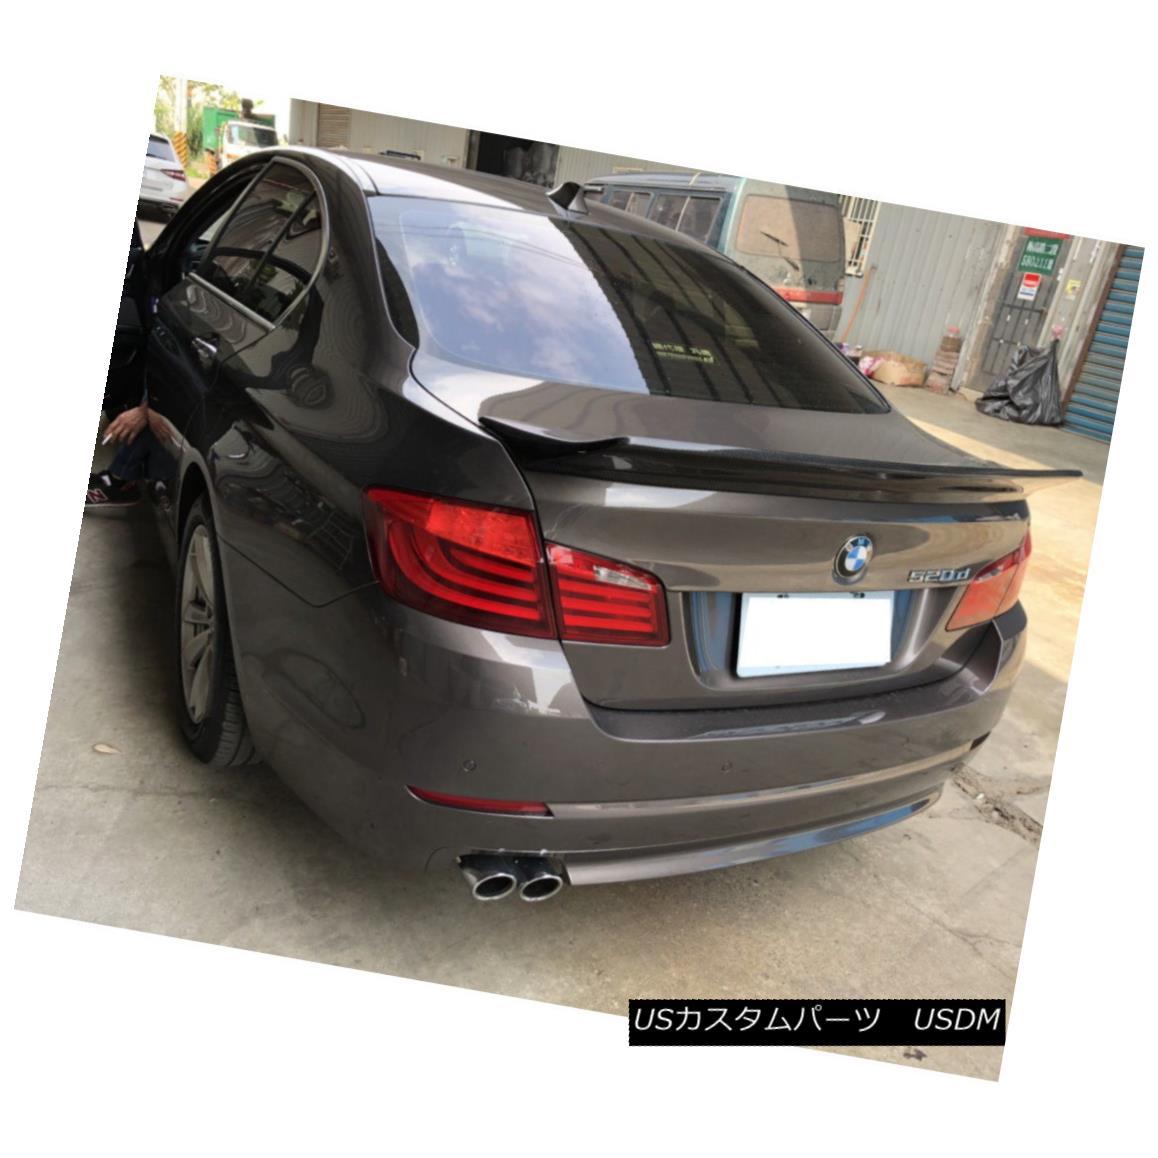 エアロパーツ LB Look Carbon Fiber Rear Trunk Spoiler Wing For BMW 5-Series 2010~16 F10 Sedan LBルックカーボンファイバーリアトランクスポイラーウィングfor BMW 5シリーズ2010?16 F10セダン